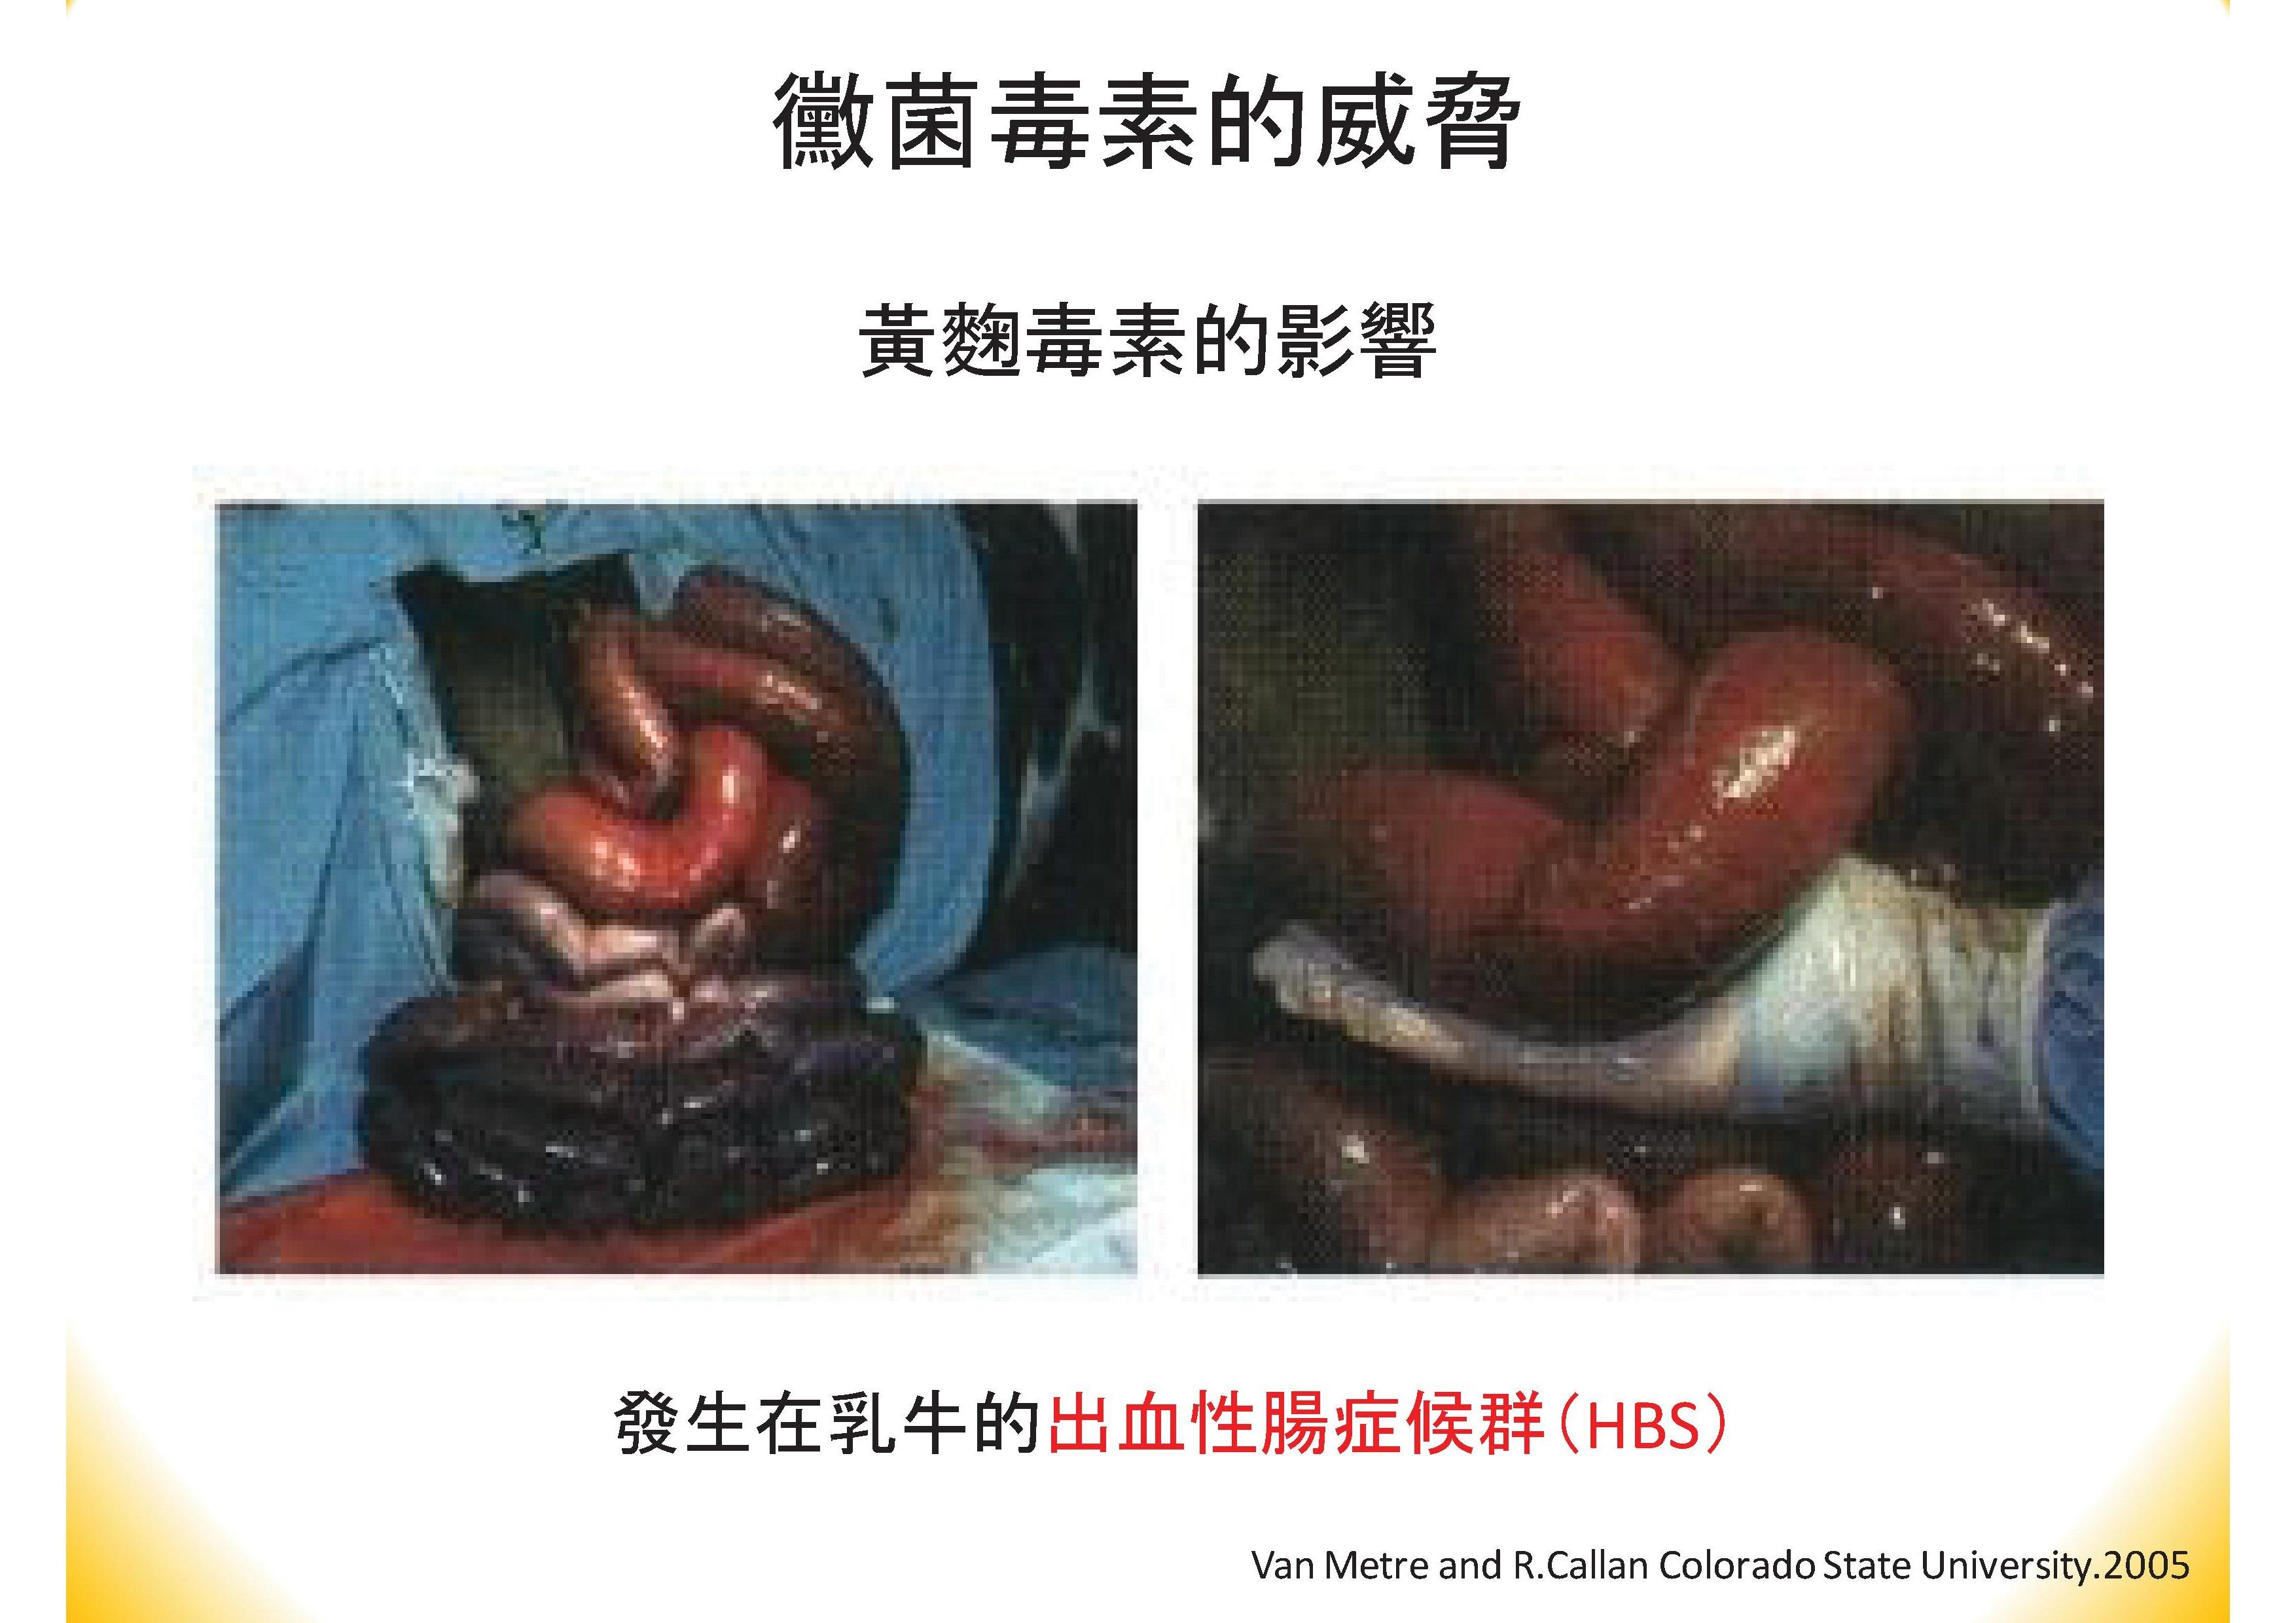 肝寶吸附劑簡報(中文).pdf00019